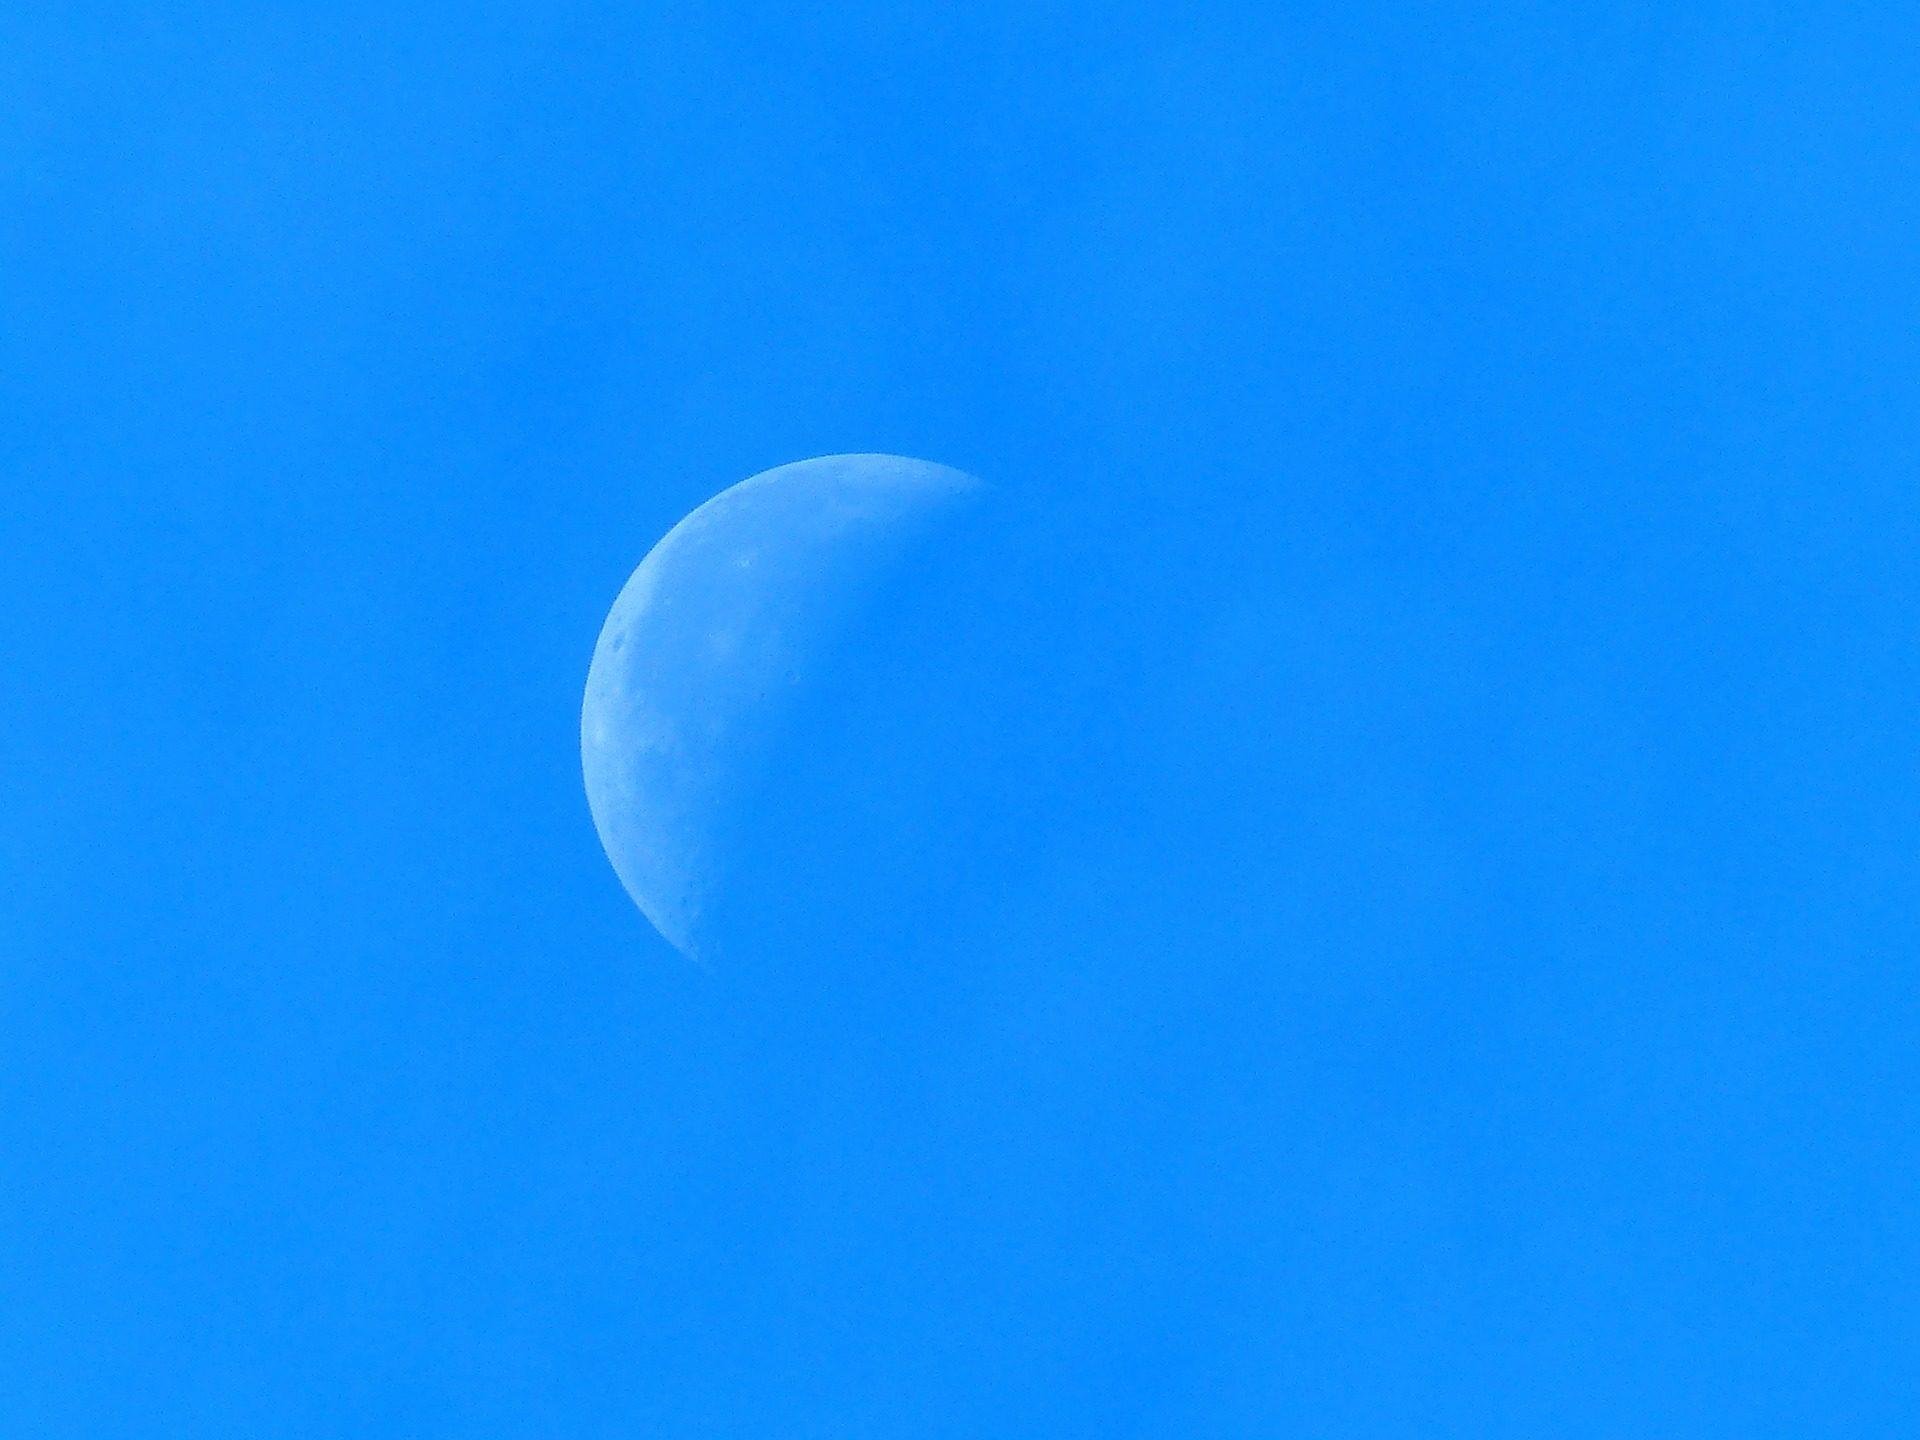 luna, cielo, diurna, astro, creciente - Fondos de Pantalla HD - professor-falken.com